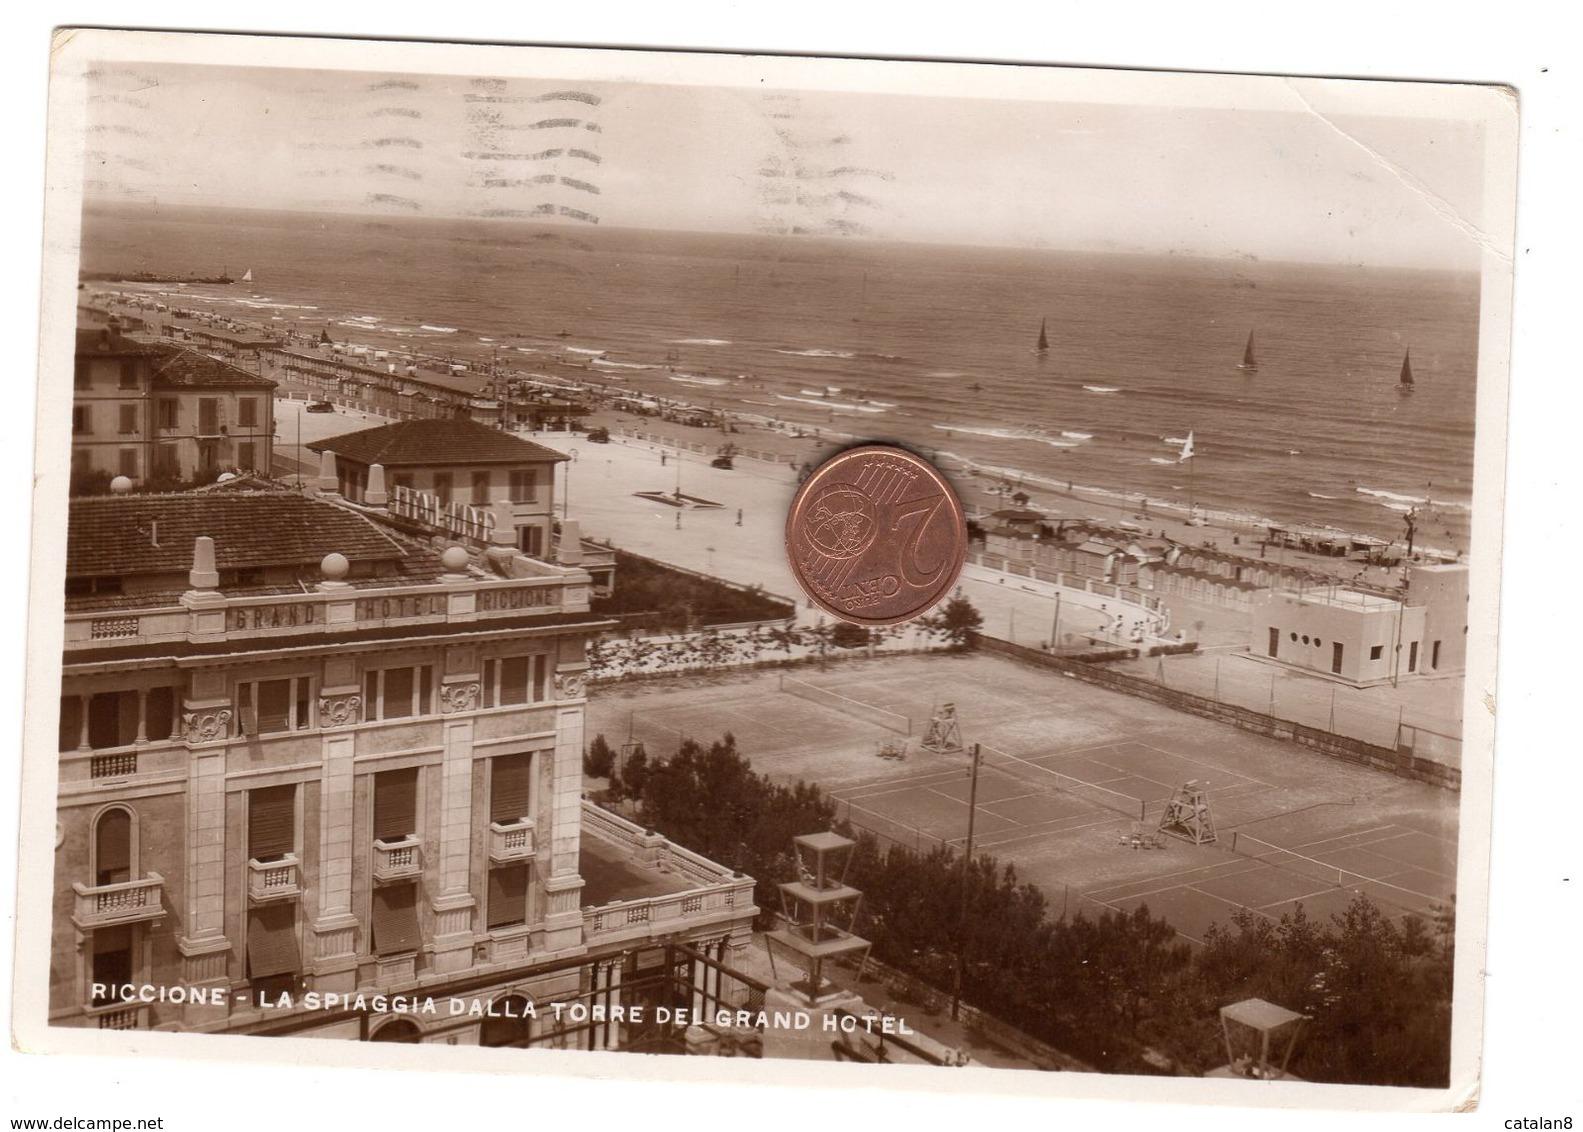 S6290 RIMINI RICCIONE LA SPIAGGIA DALLA TORRE DEL GRAND HOTEL - Rimini